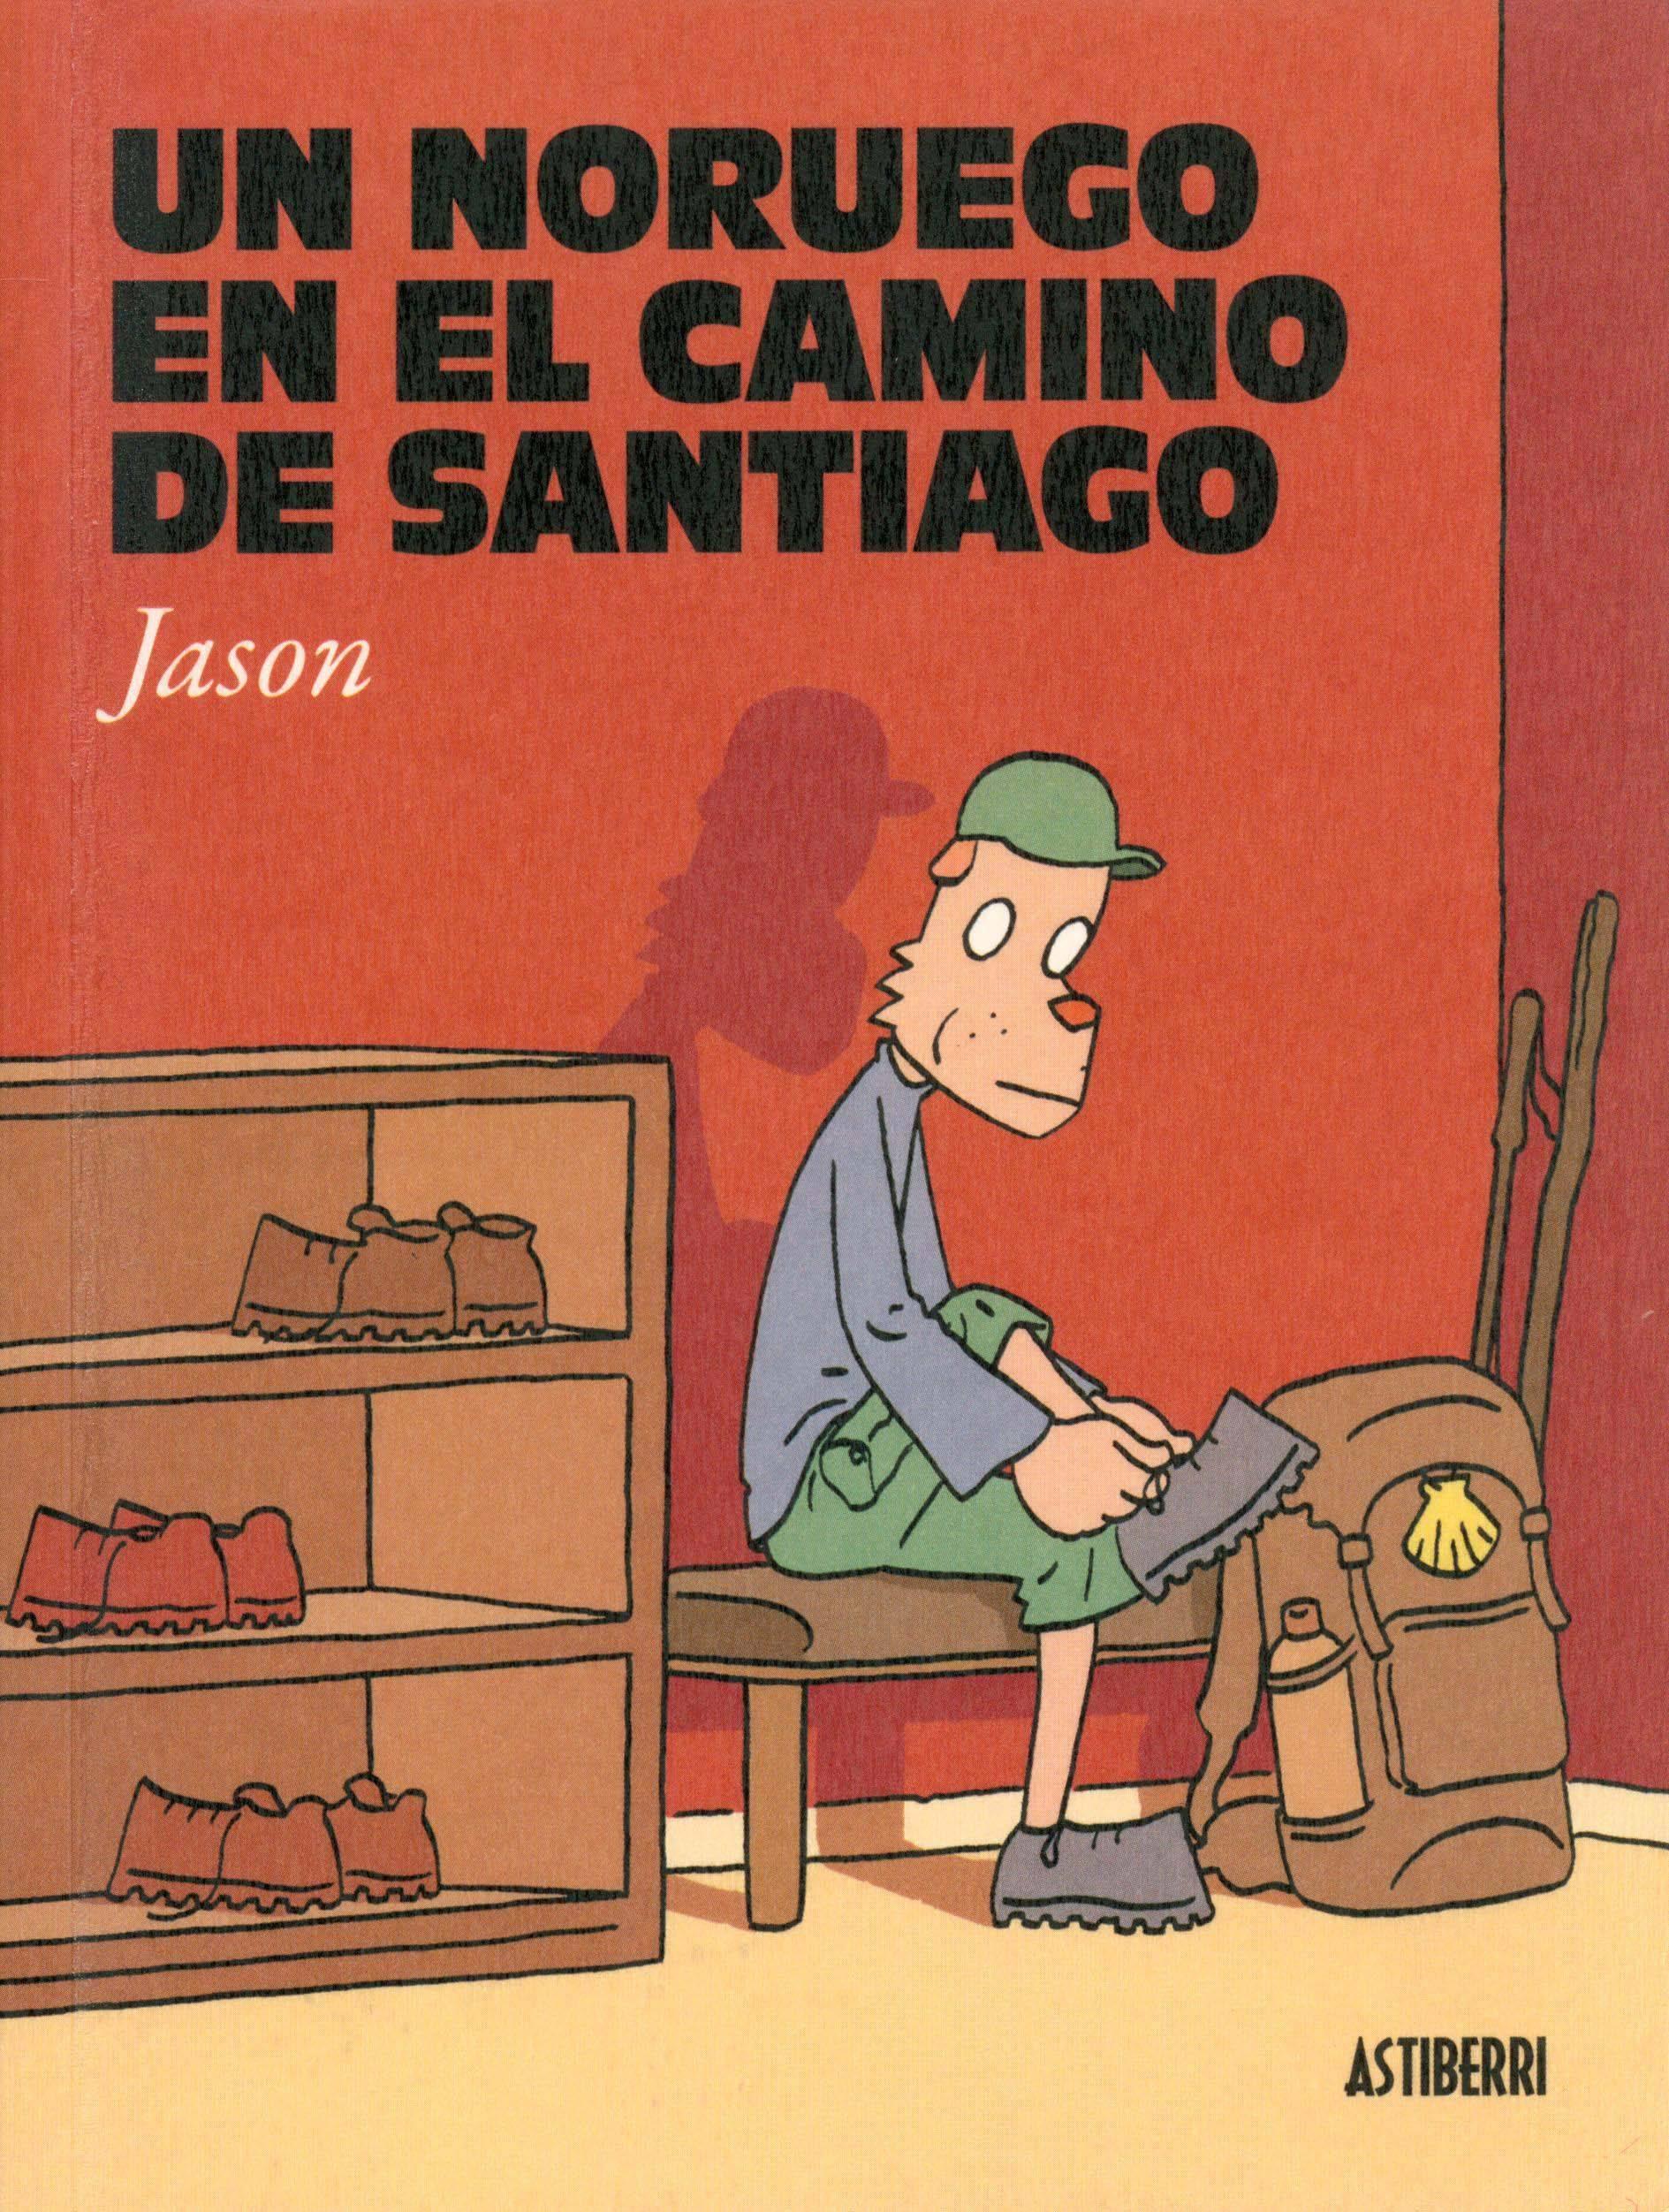 Un noruego en el camino de Santiago, Jason